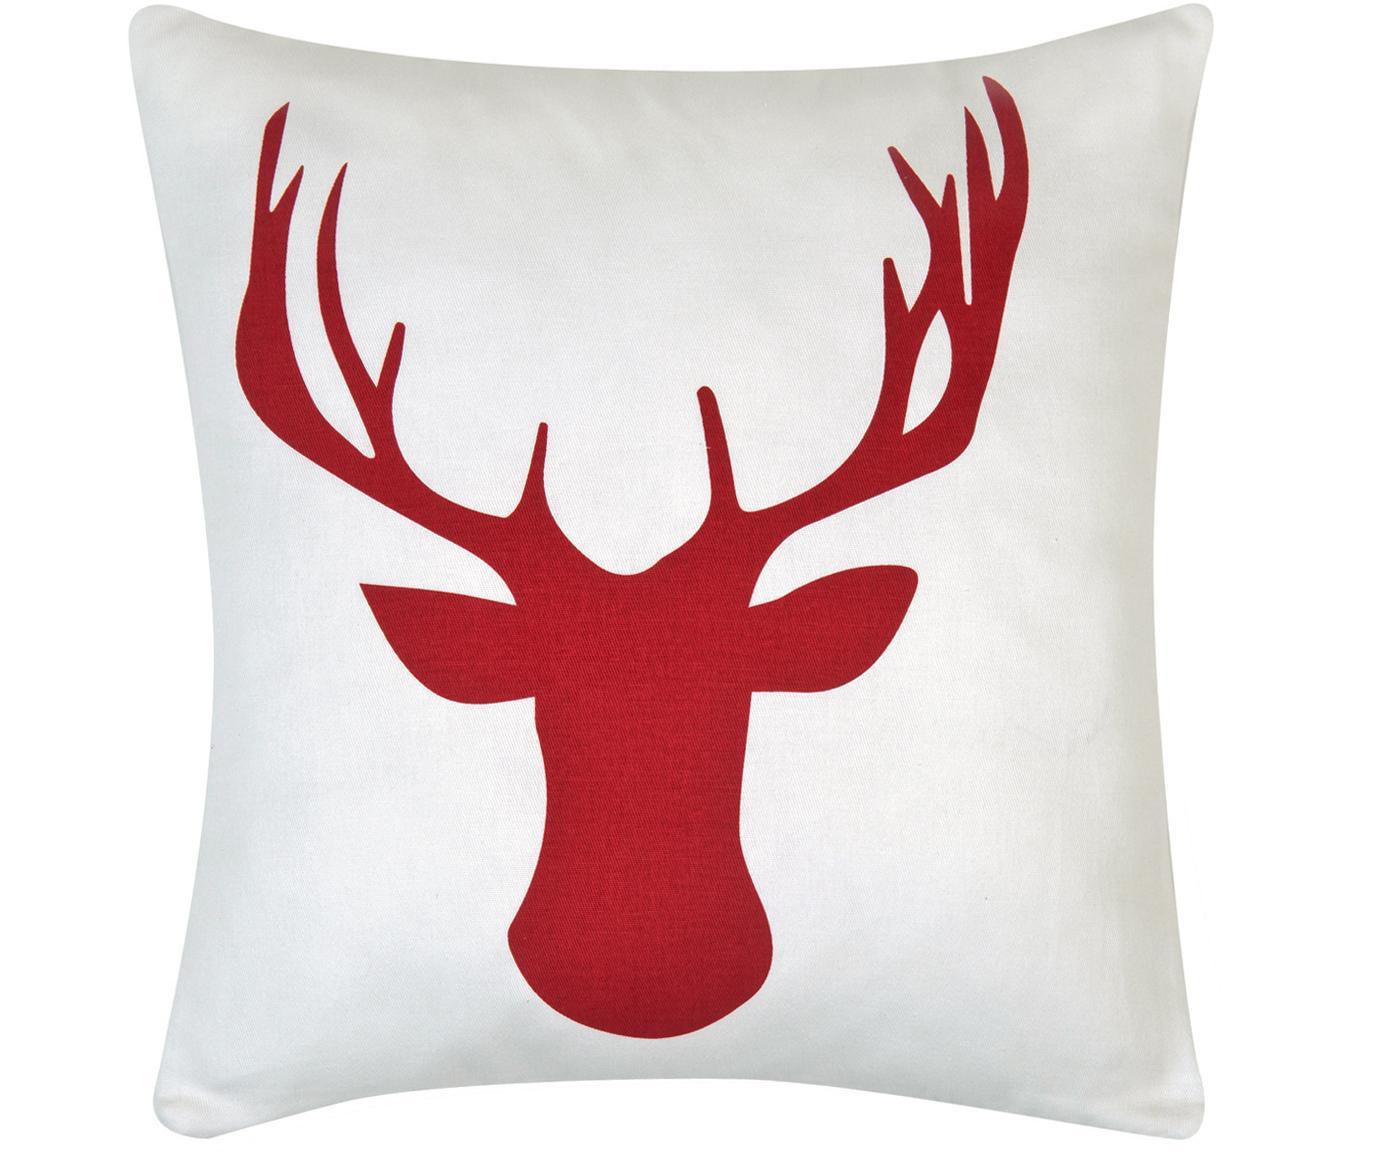 Kussenhoes Deer, Katoen, panamabinding, Donkerrood, ecru, 40 x 40 cm